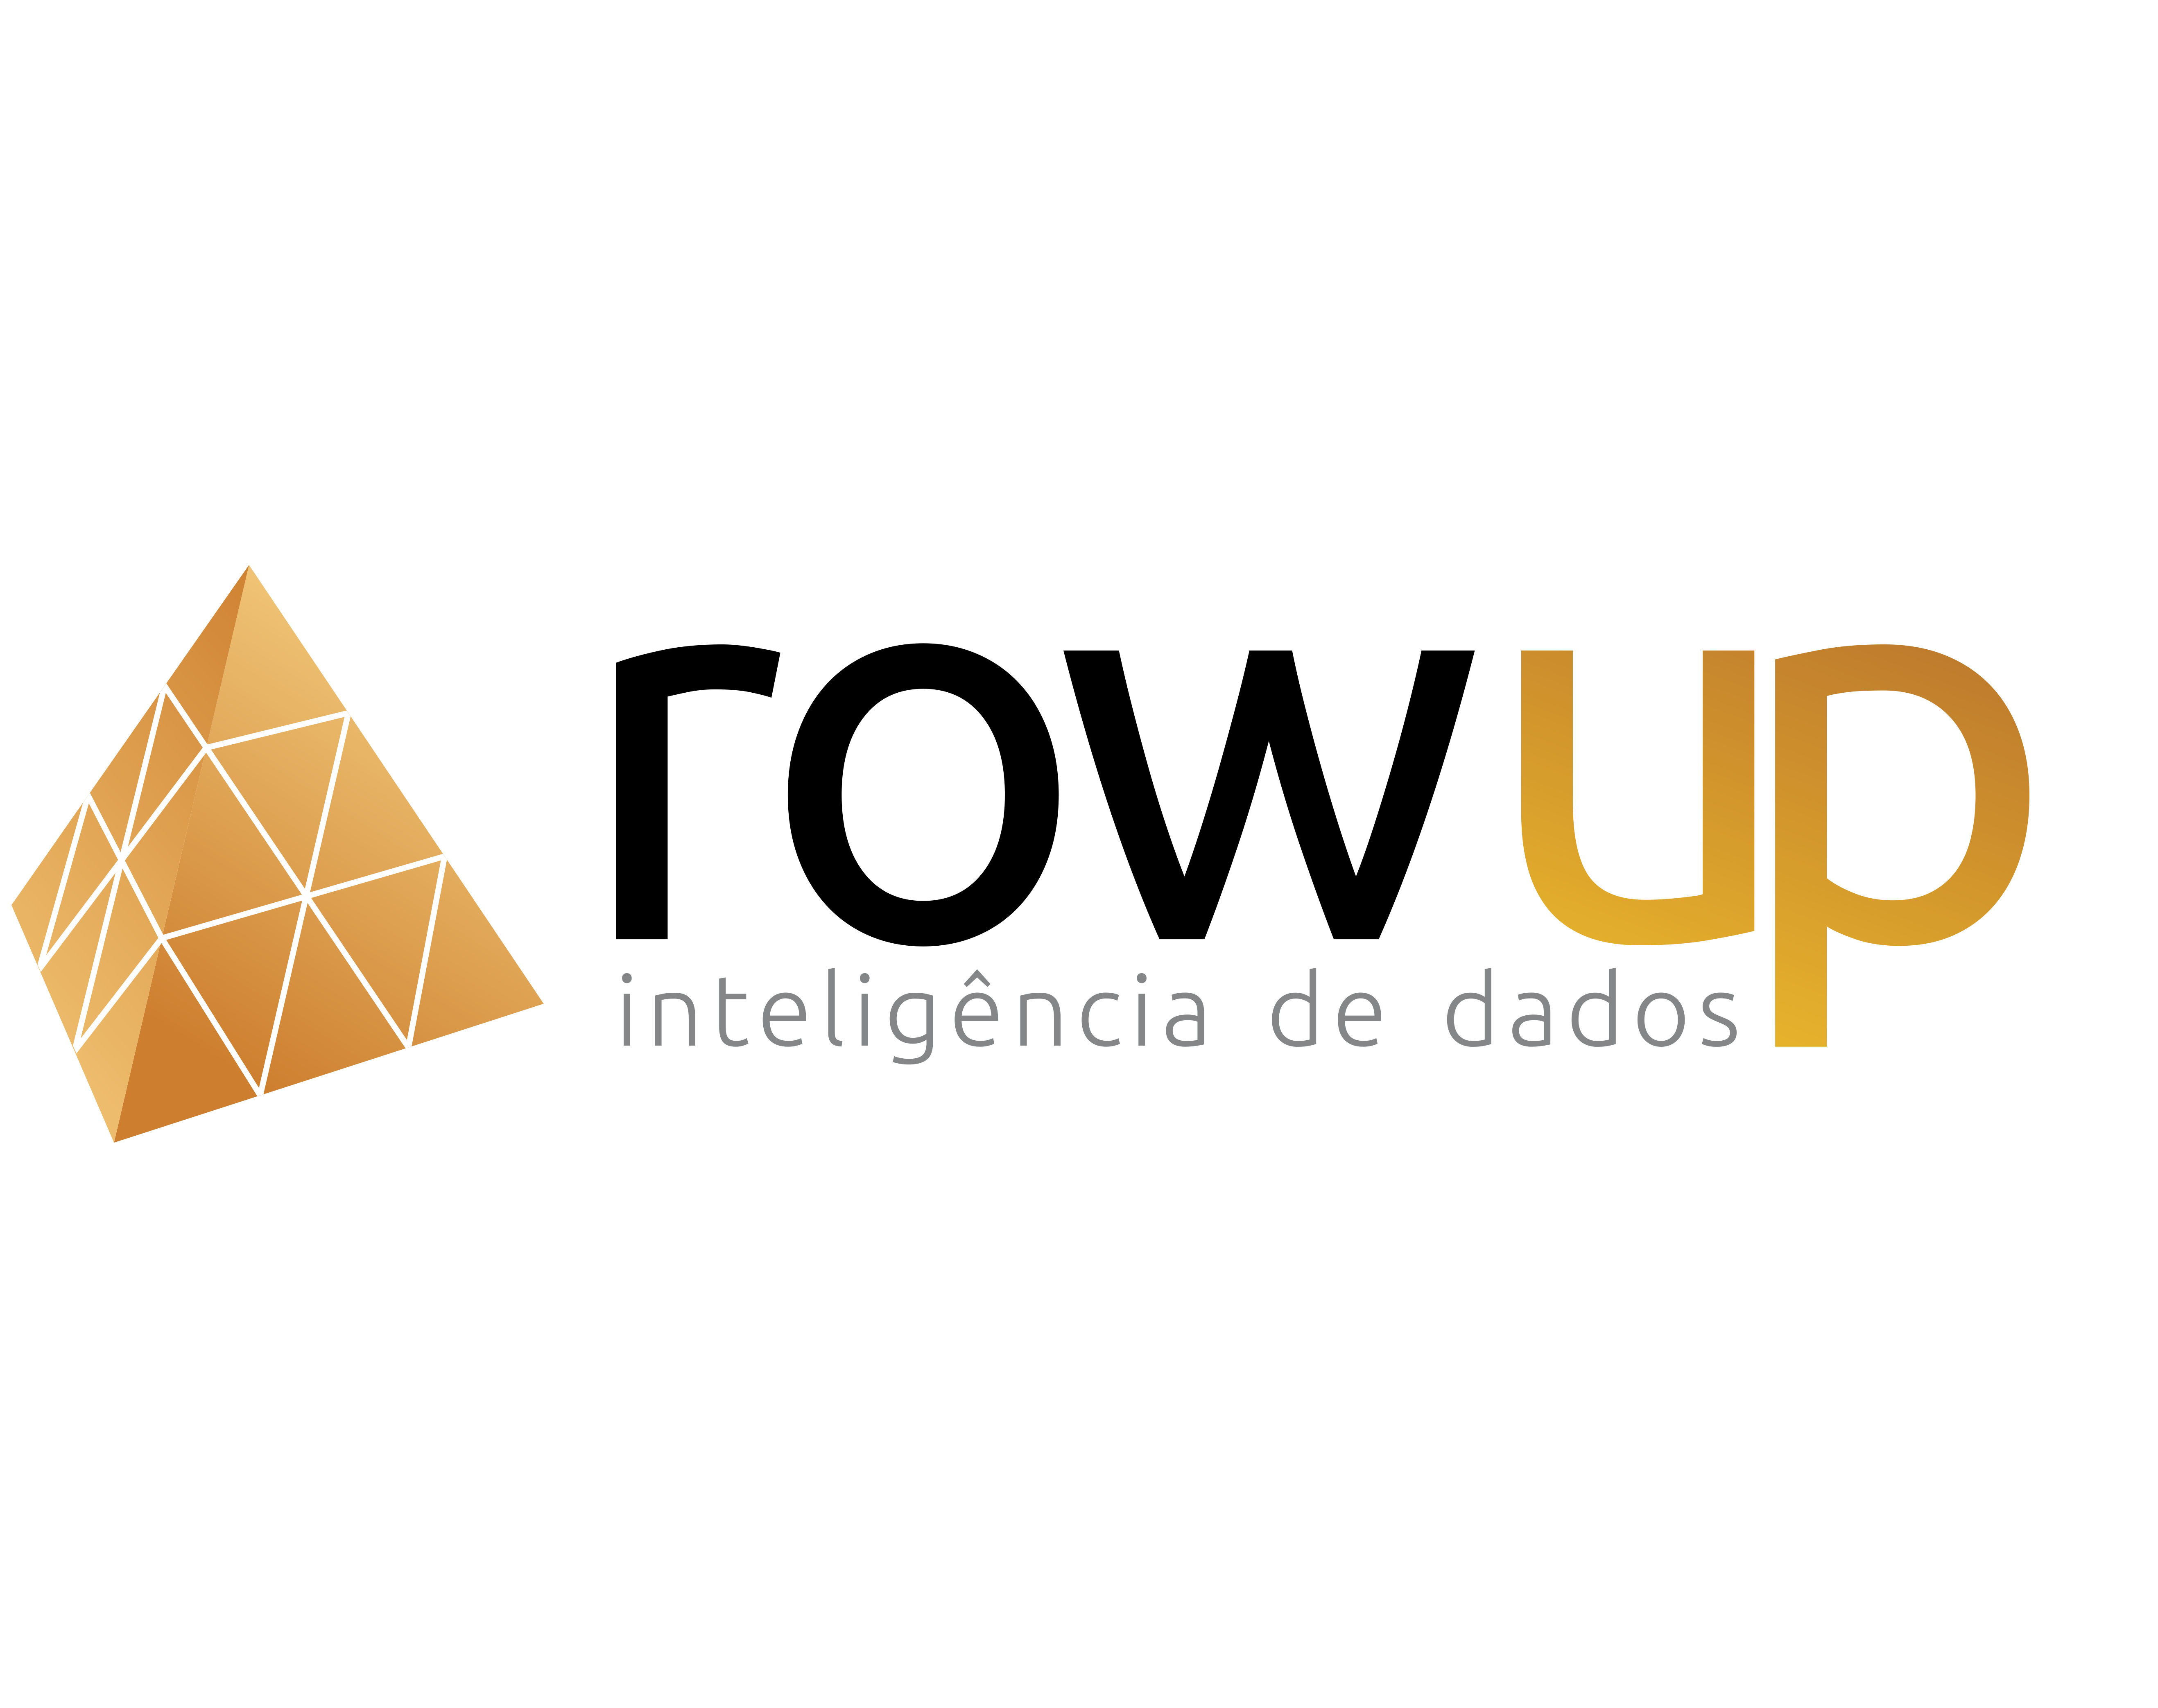 Row Up Inteligência de Dados